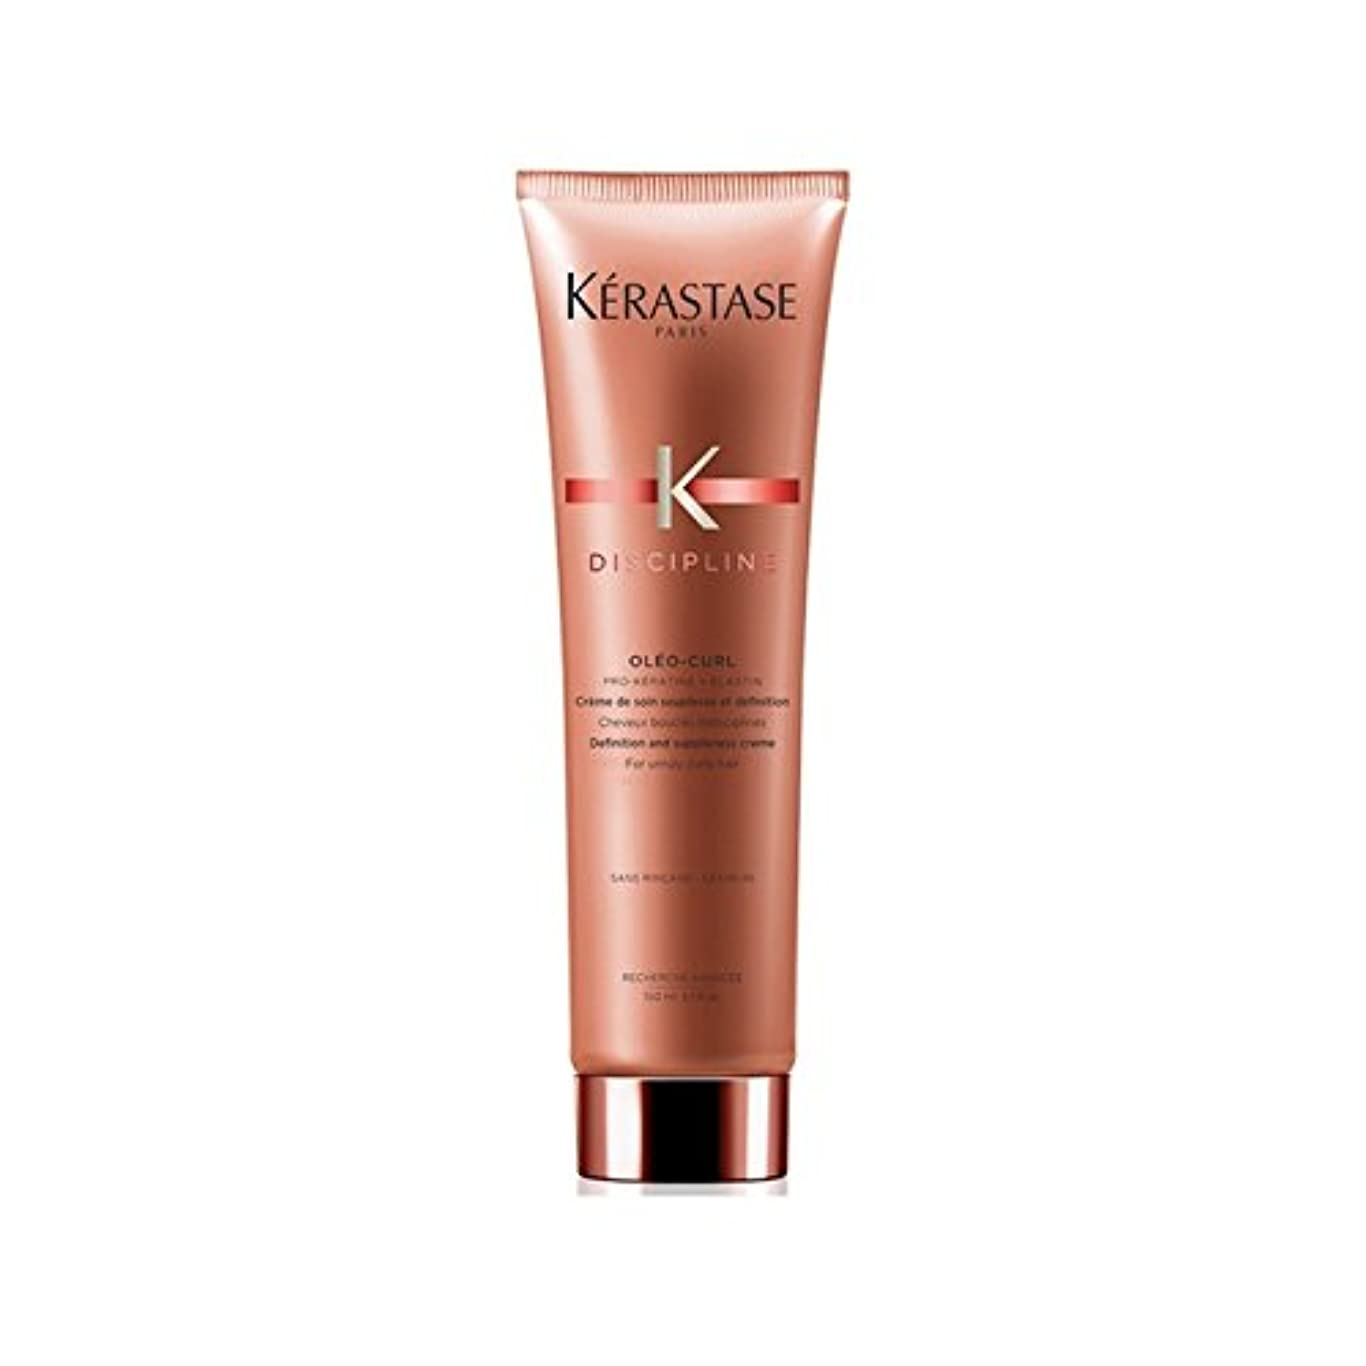 サラミ食事マディソン理想的なクレンジングコンディショナー400ミリリットルカールケラスターゼの規律 x2 - K?rastase Discipline Curl Ideal Cleansing Conditioner 400ml (Pack...